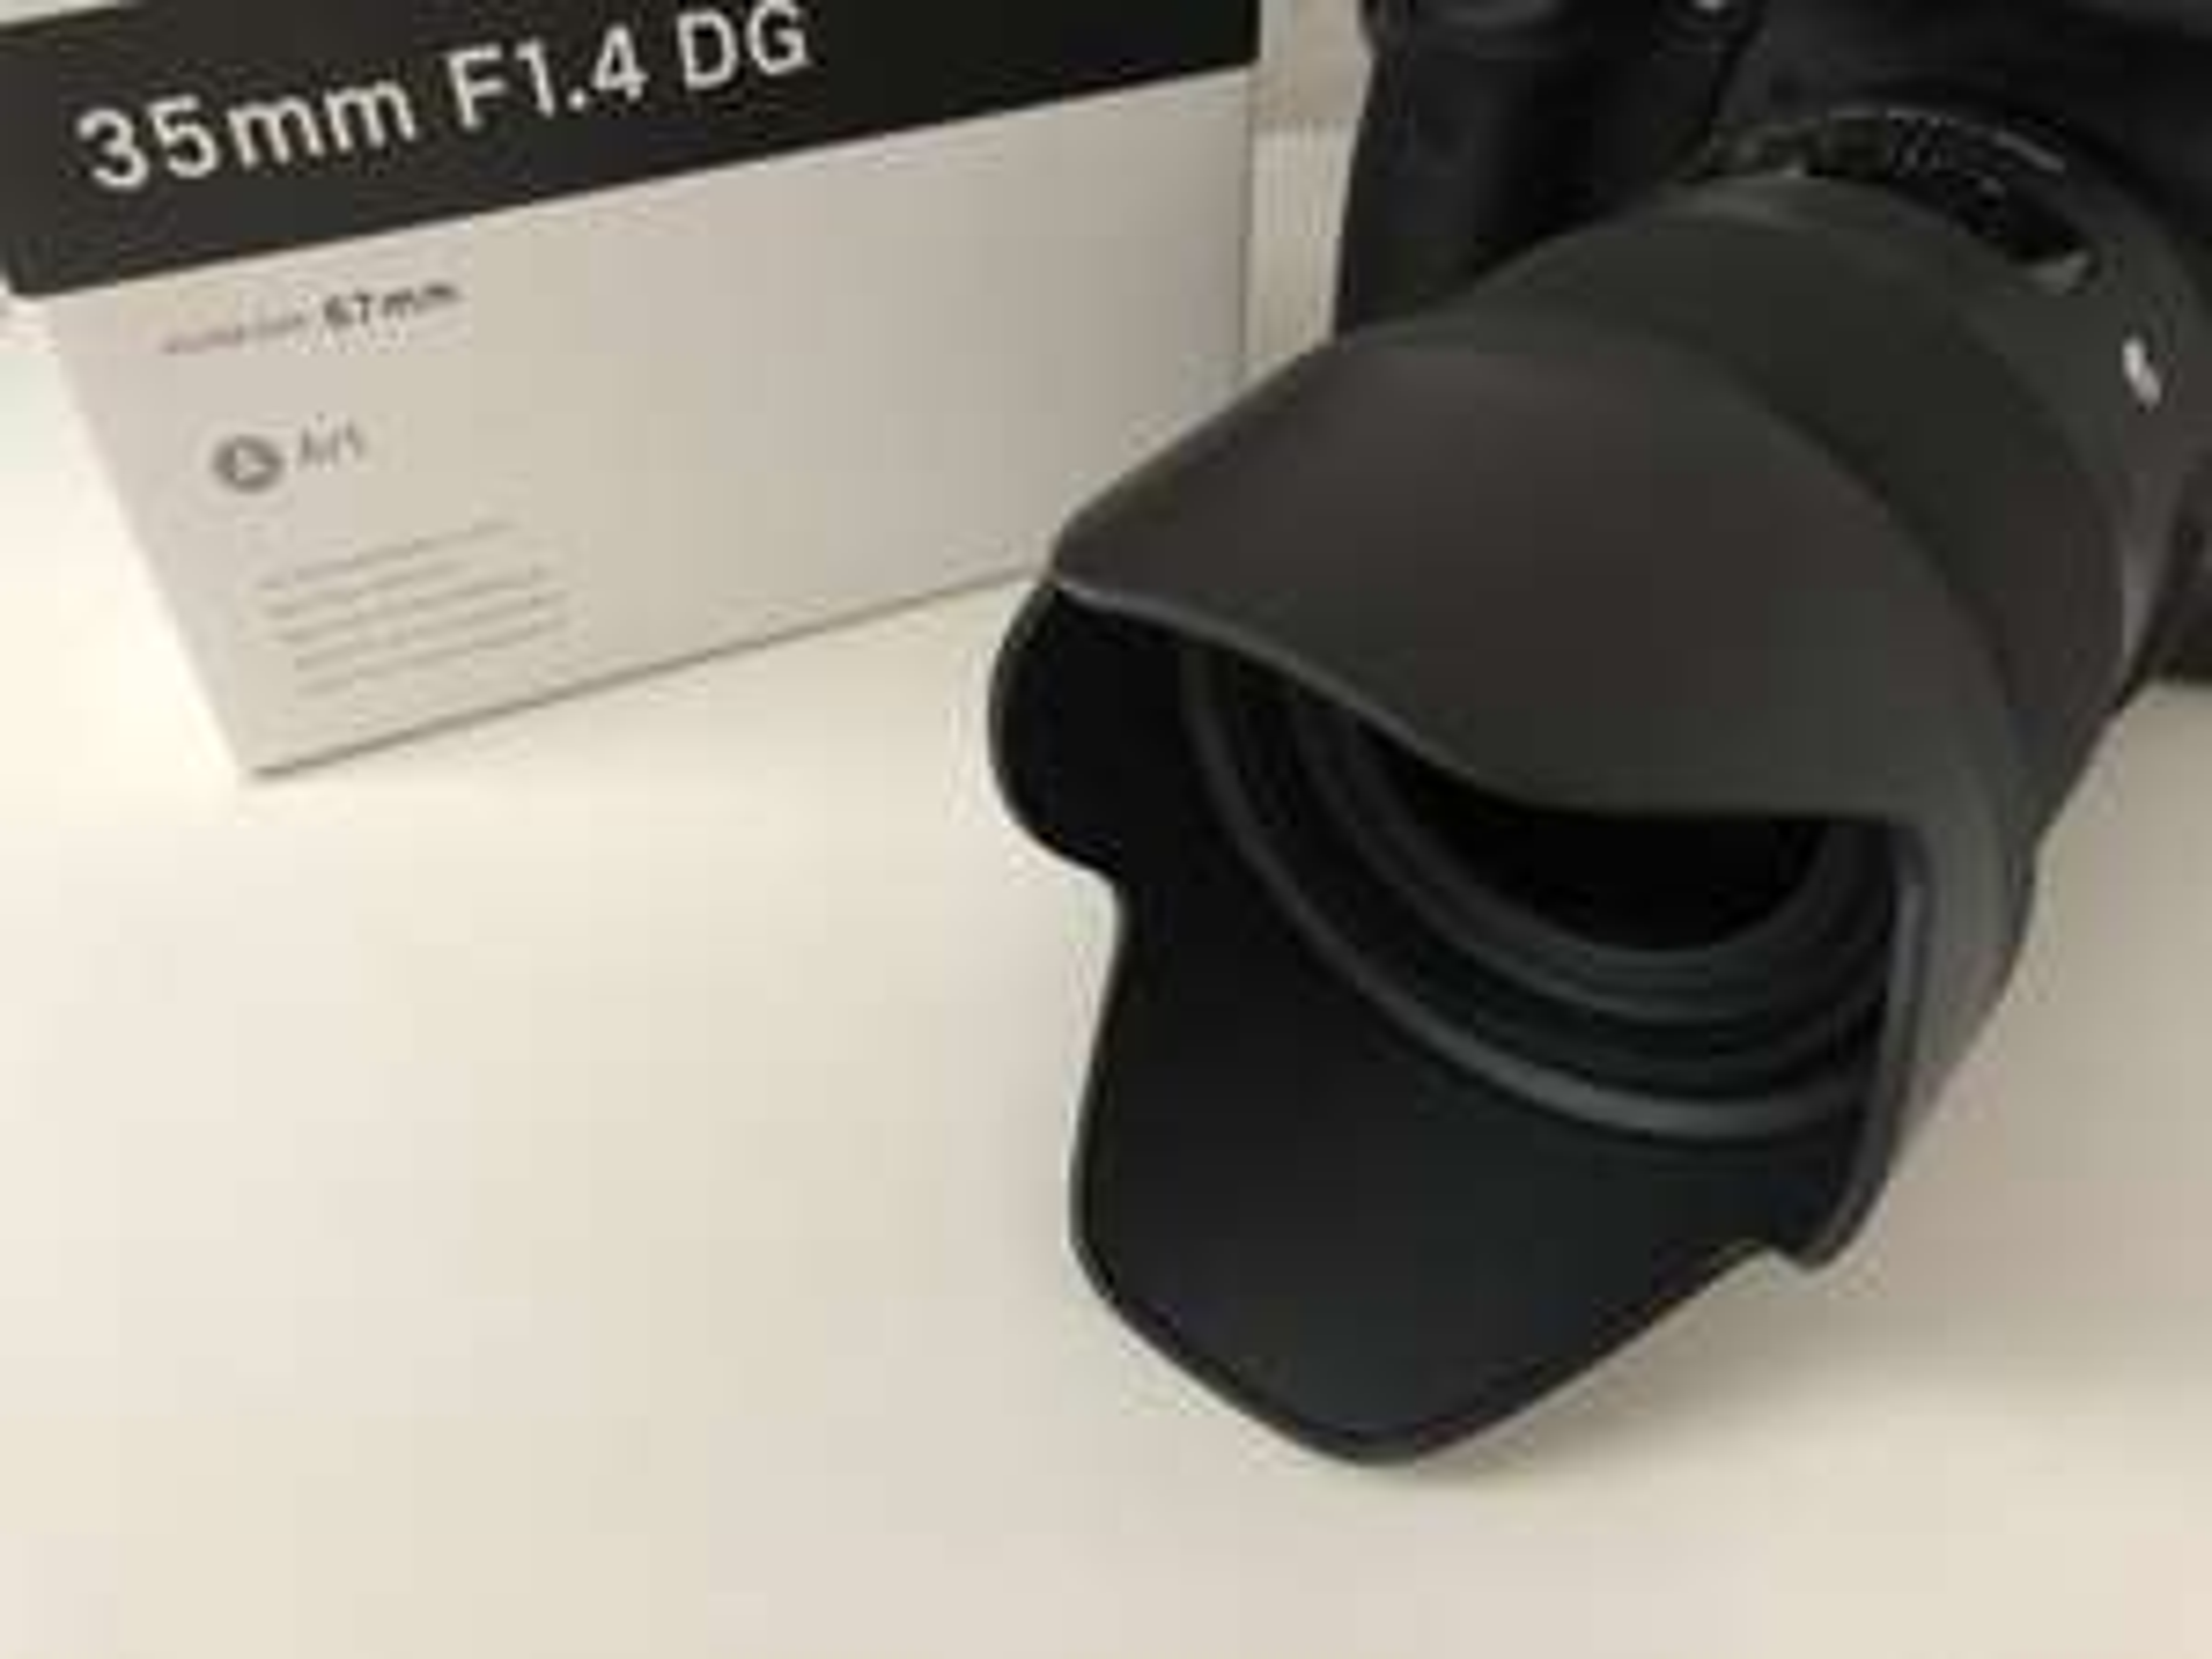 50 € Sofortrabatt auf Sigma Objektive bei Foto Leistenschneider (z.B. 35 mm 1,4 Art Canon)